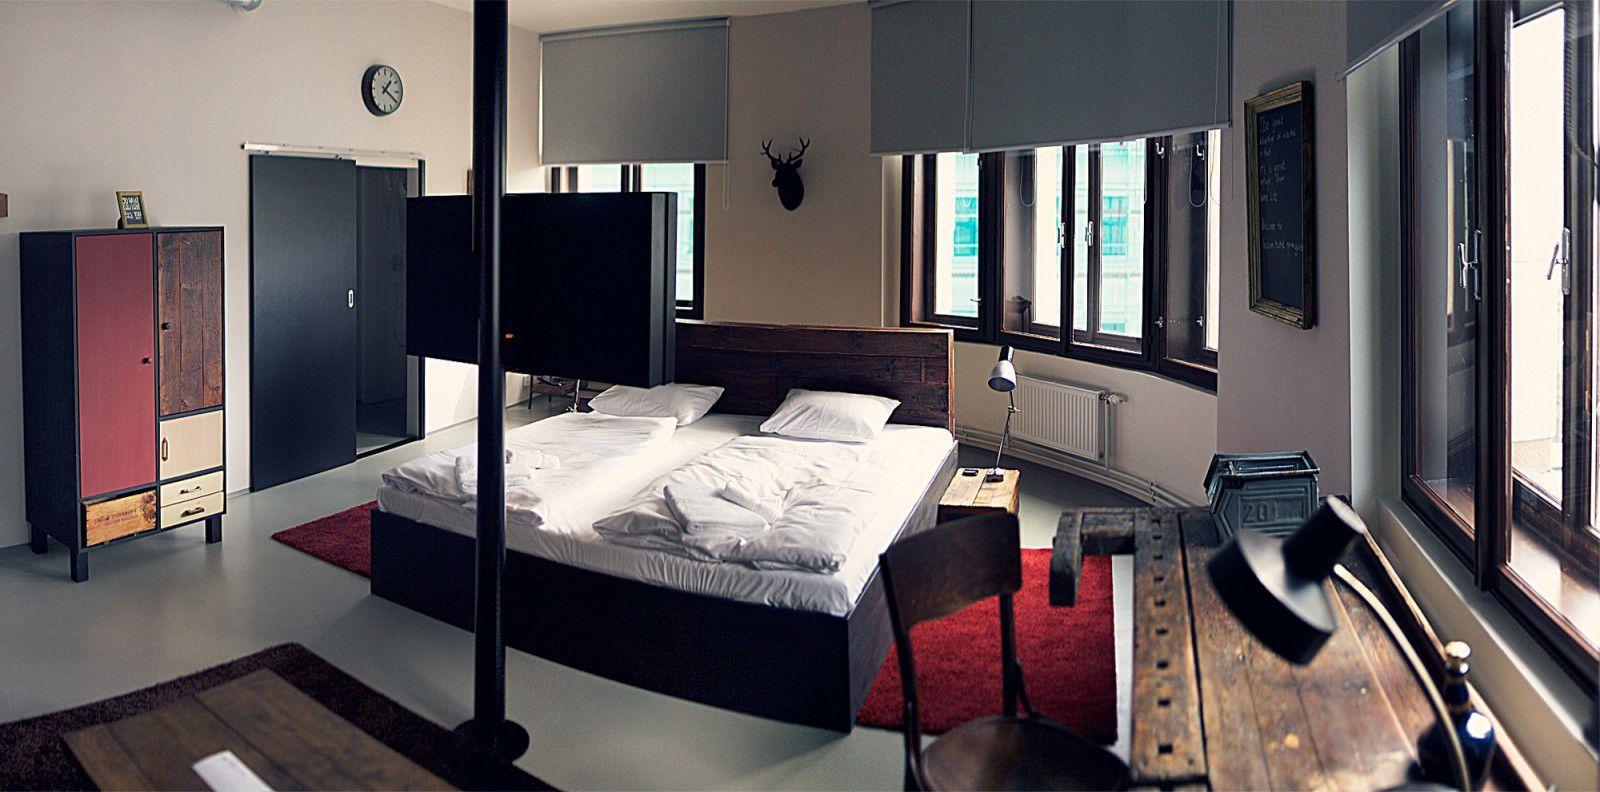 布拉格 Fusion 酒店